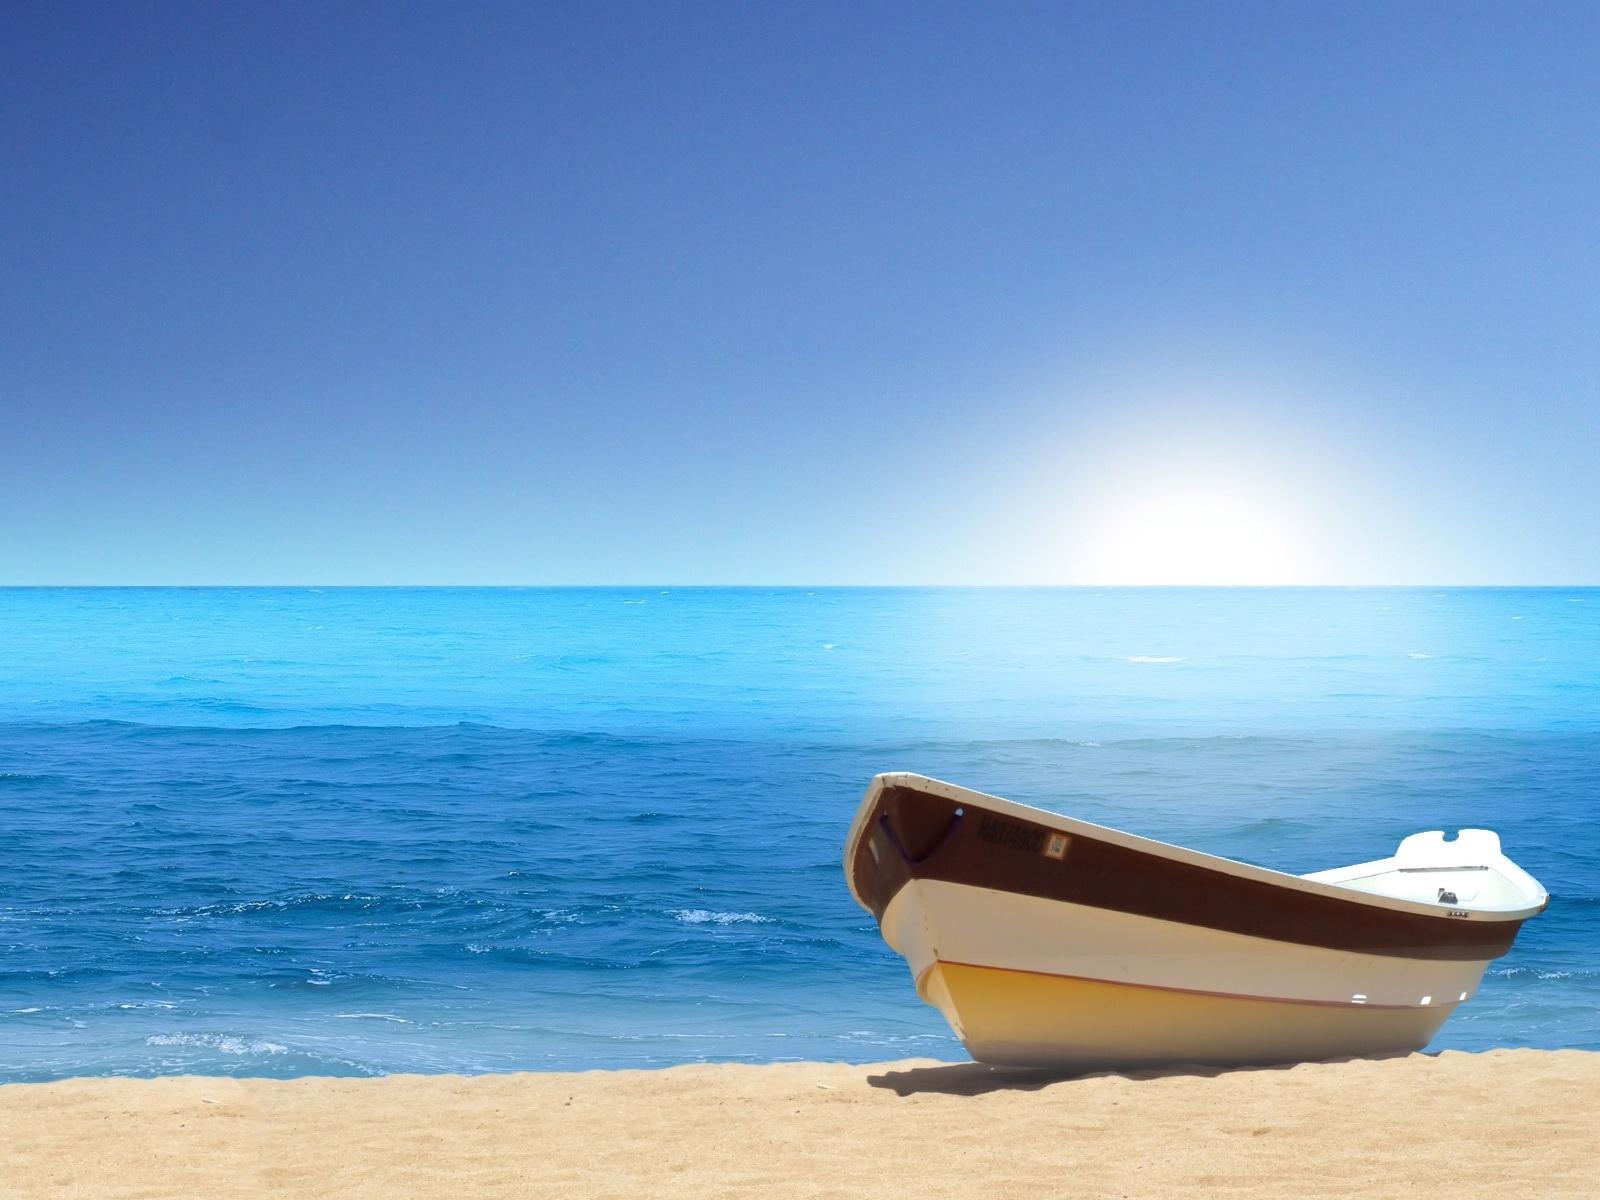 Téléchargez des papiers peints mobile Bateaux, Mer, Transports, Paysage, Eau gratuitement.